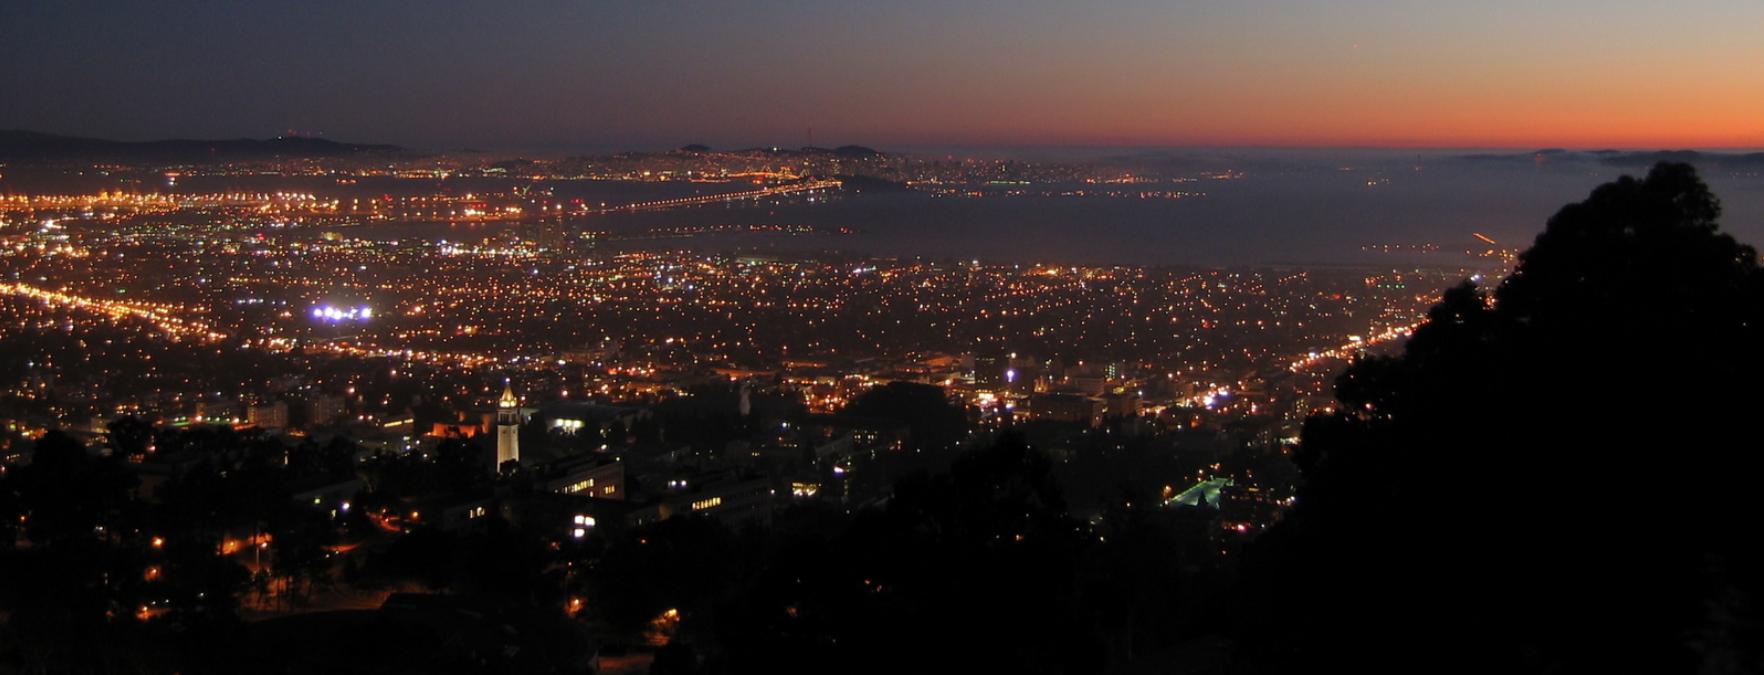 Alameda at Night